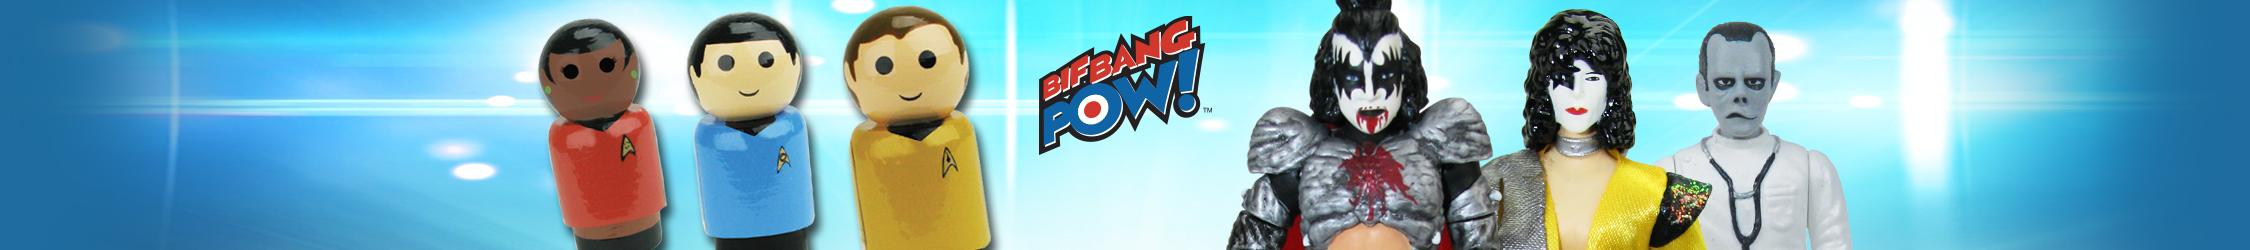 Bif Bang Pow BBP29802 License Plate Frame